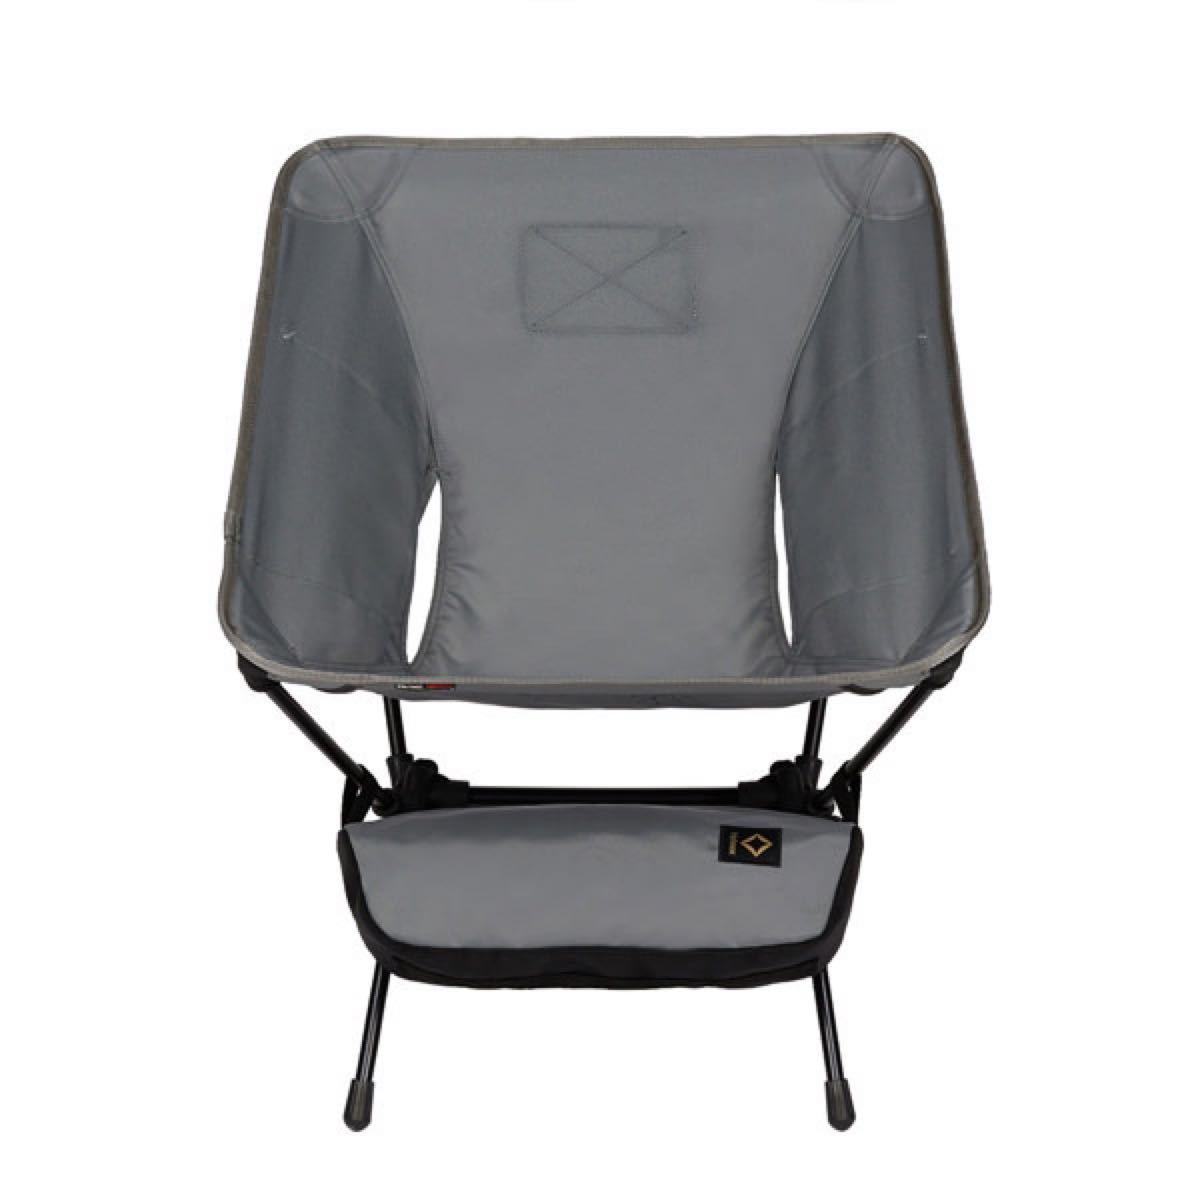 ヘリノックス Helinox タクティカルチェア TACTICAL Chair フォリッジ